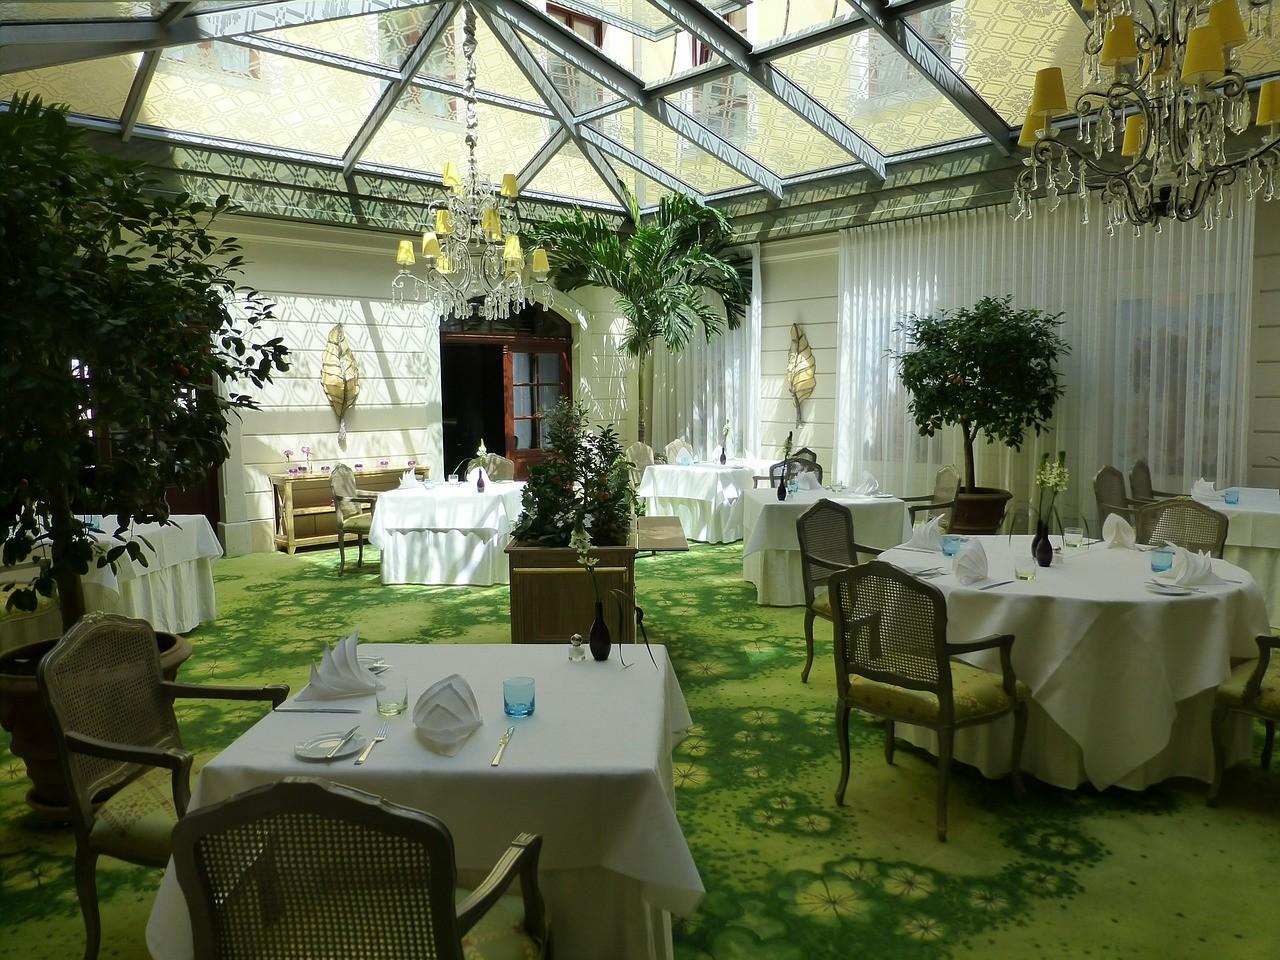 Divers jardins d hiver maison jardin - Jardins dhiver com ...